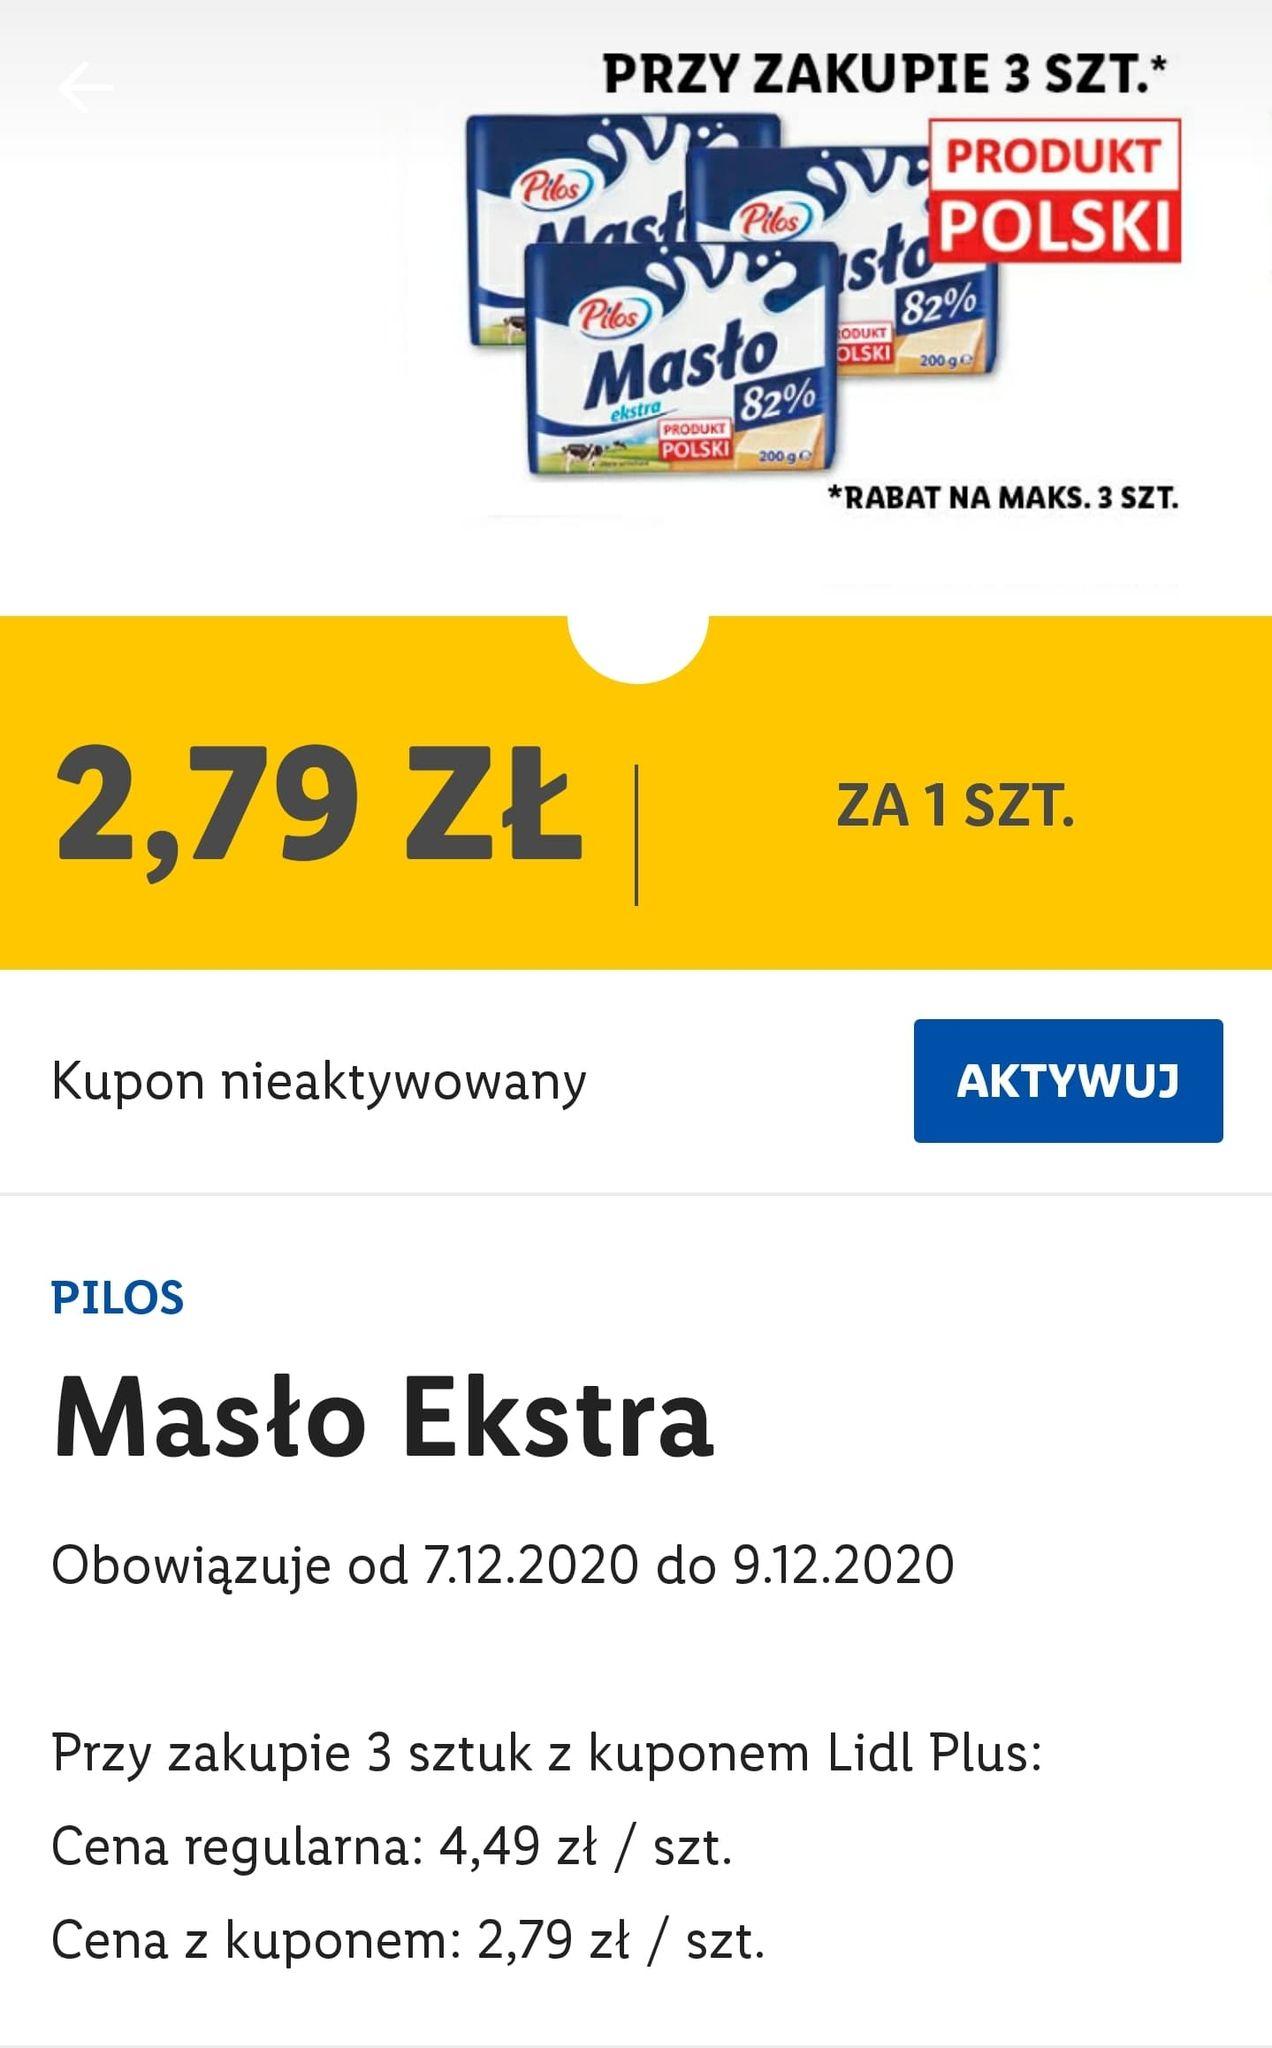 Masło Pilos Ekstra - 2,79zł przy zakupie 3 sztuk - Lidl